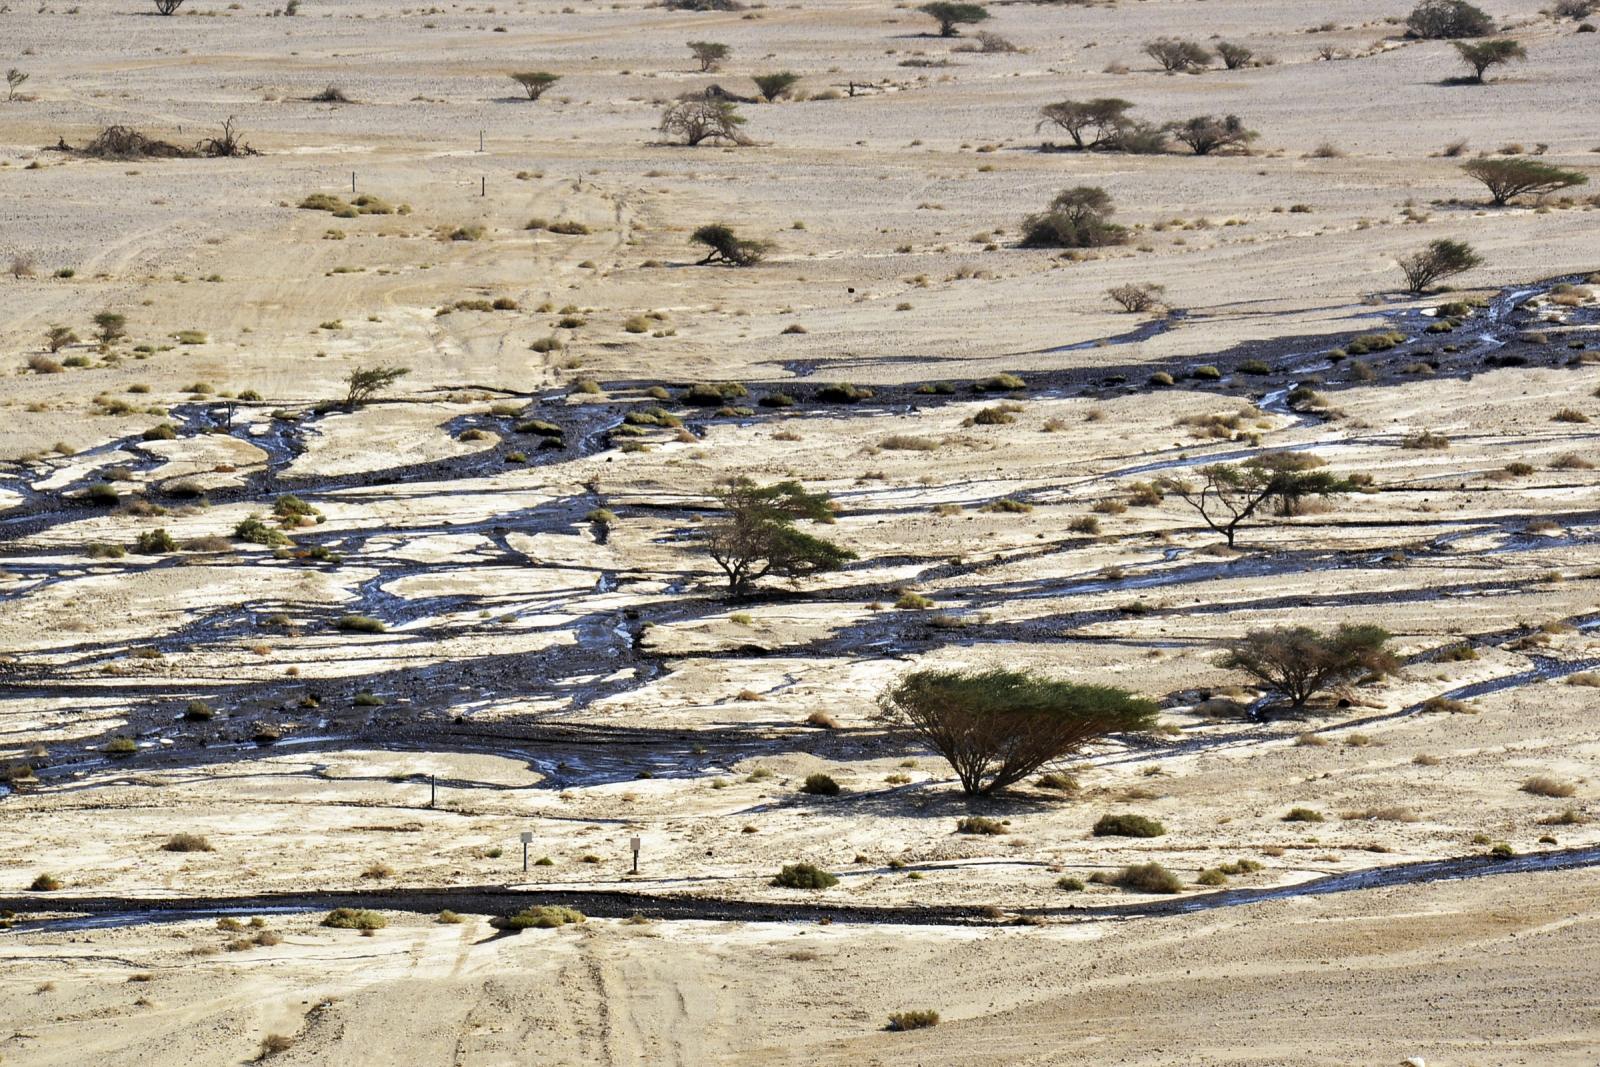 israel oil spill